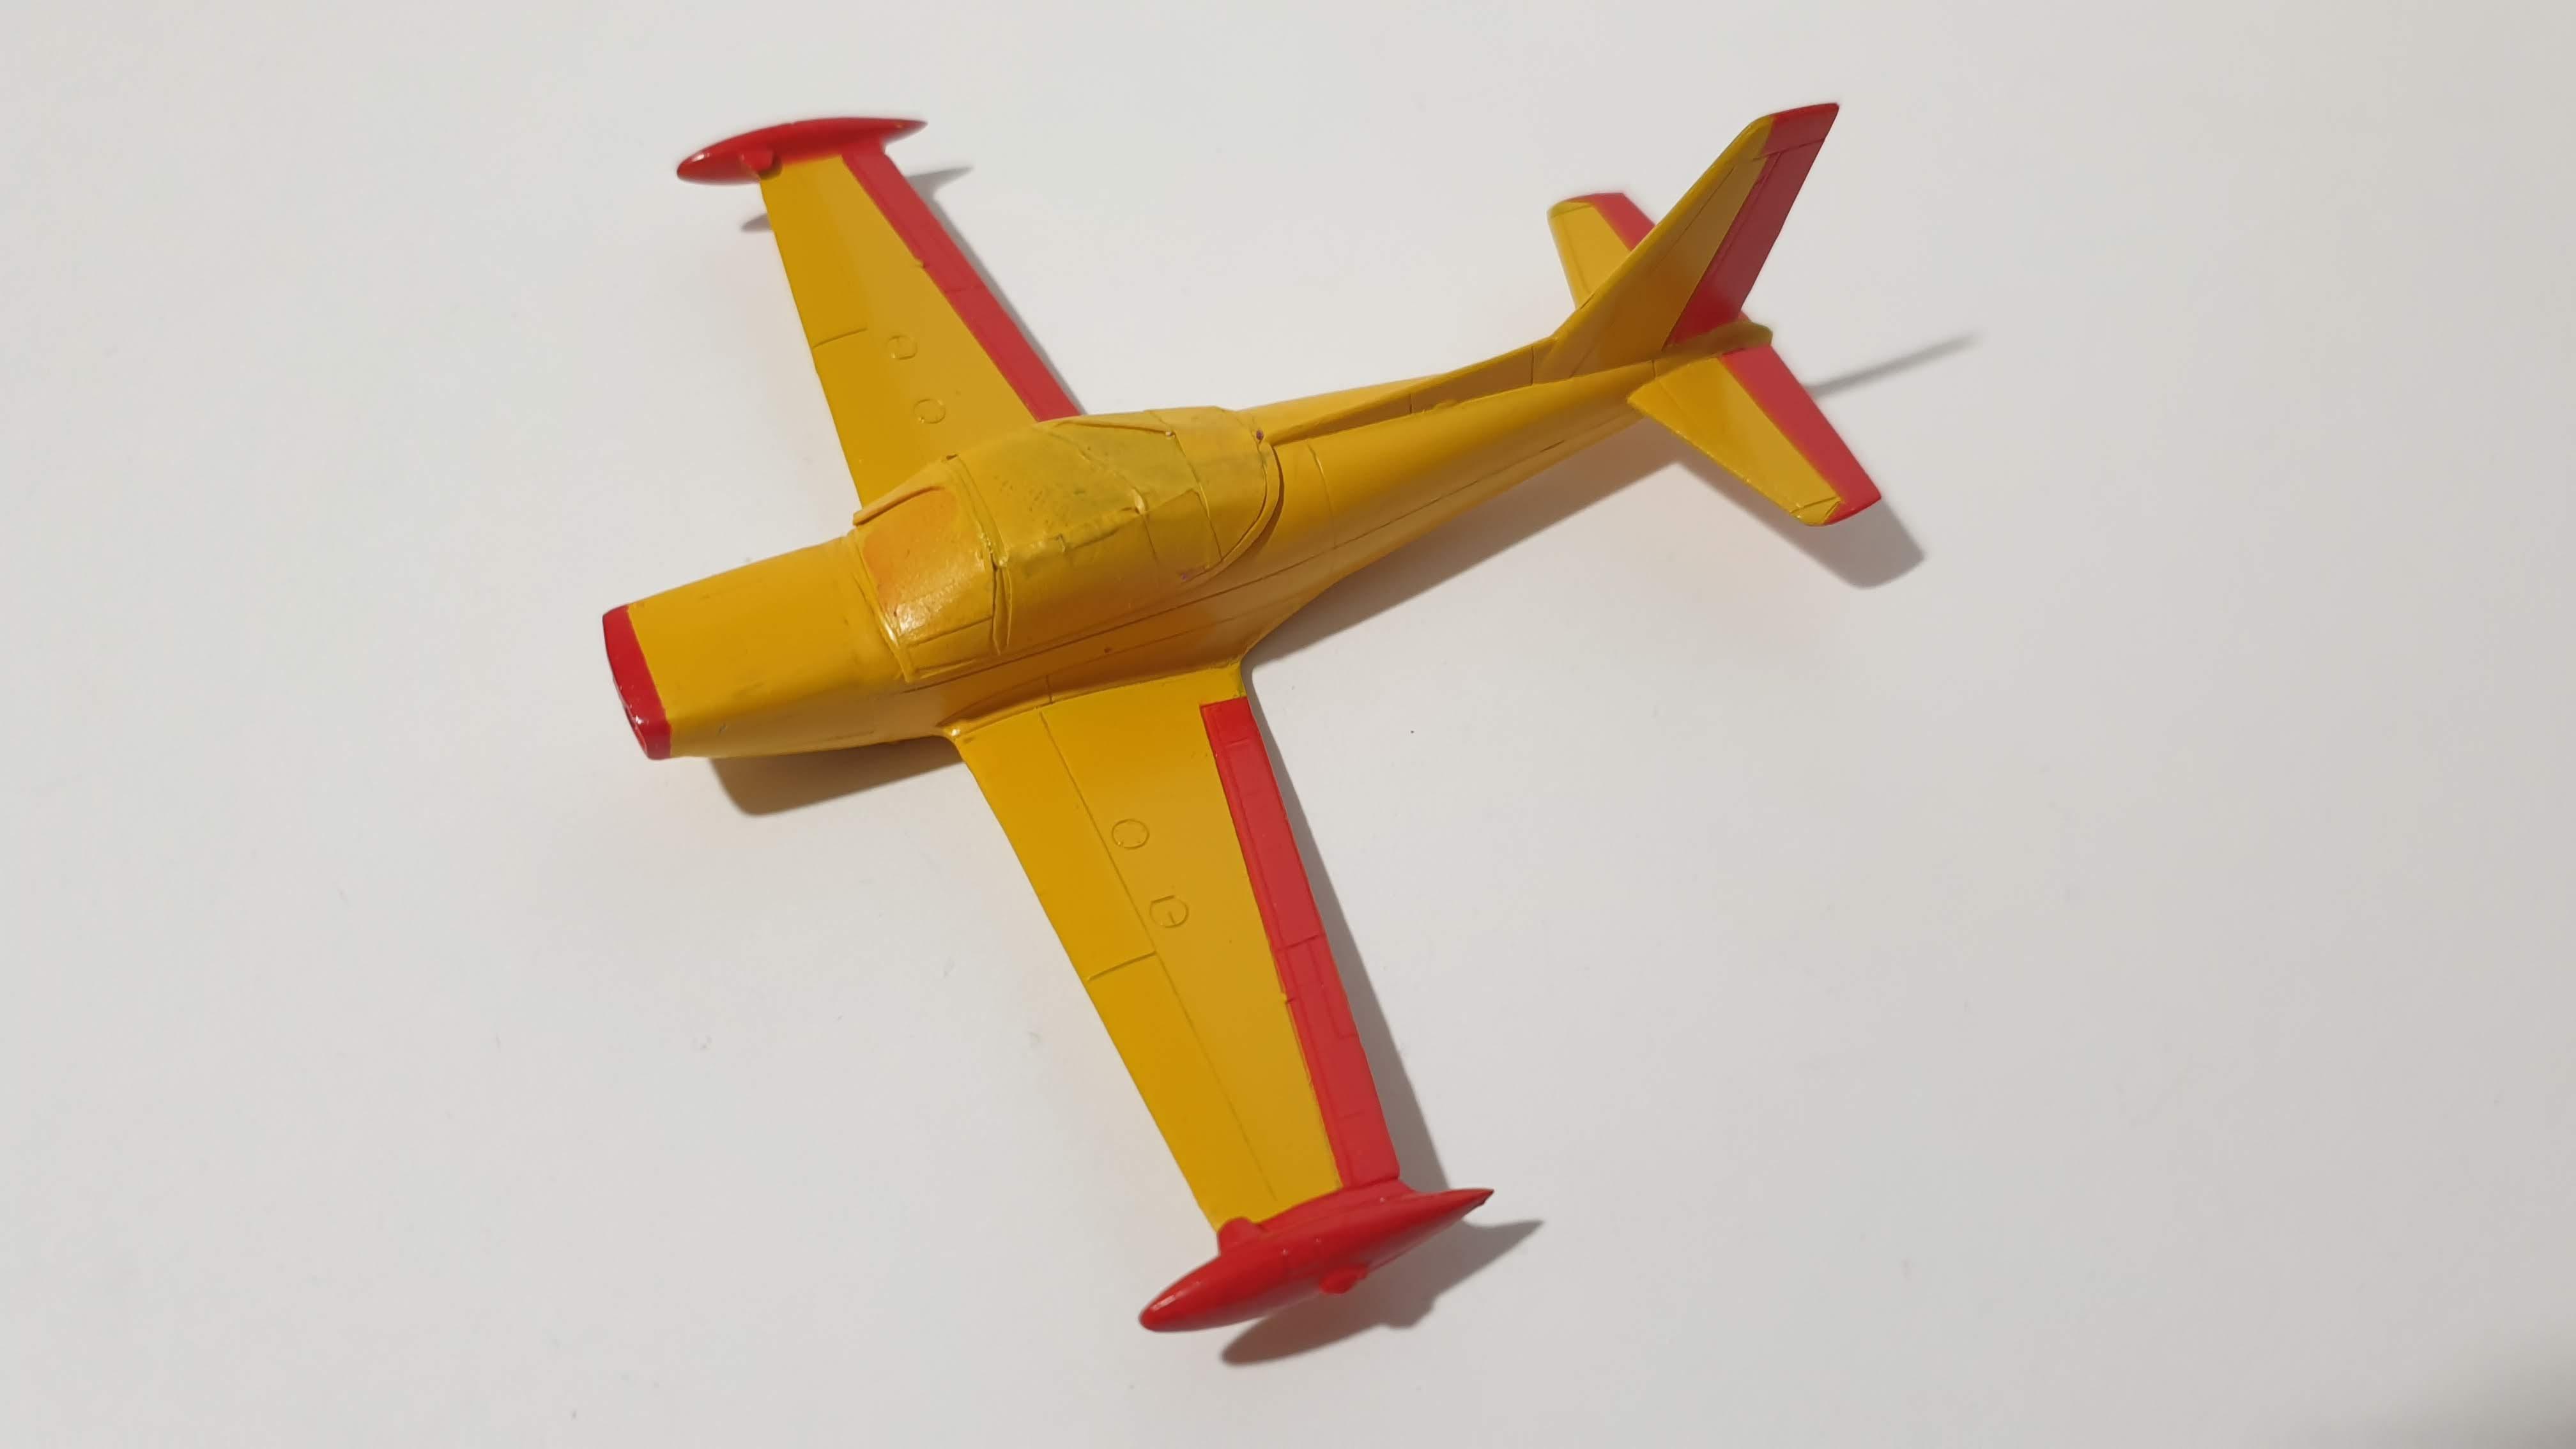 [KP] SIAI Marchetti SF-260D/M  20201204_200925